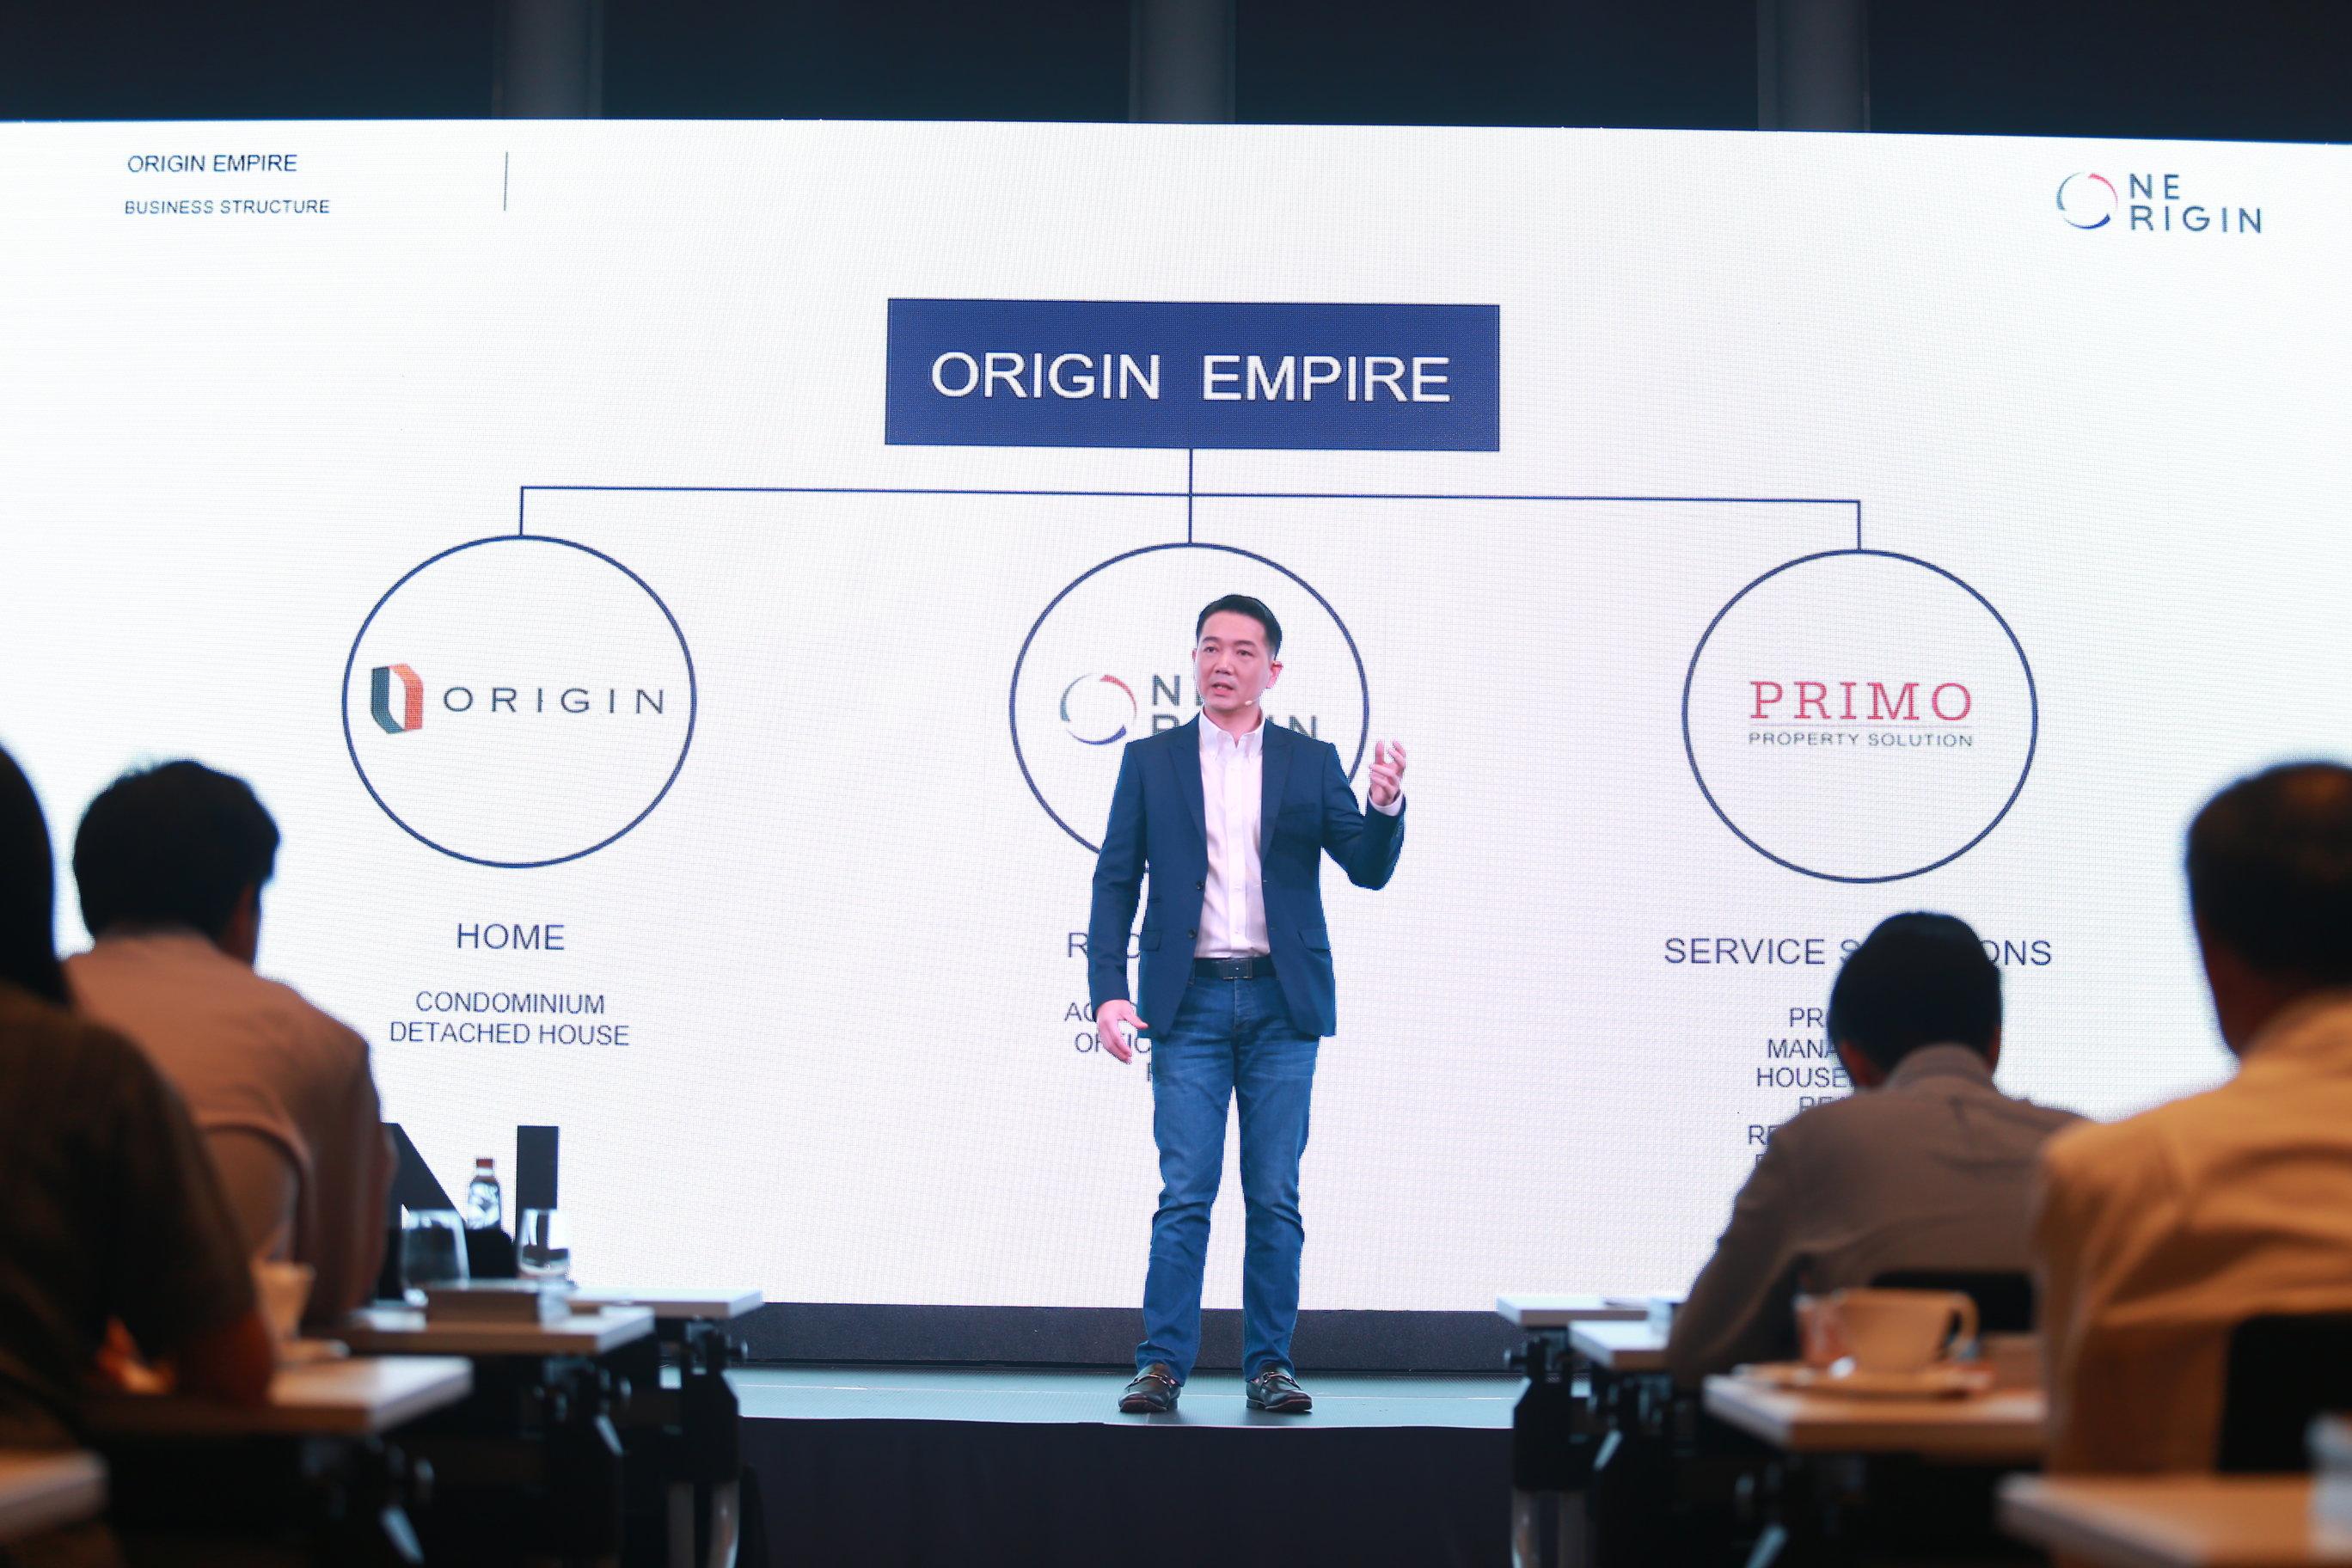 นายพีระพงศ์ จรูญเอก CEO บริษัท ออริจิ้น พร็อพเพอร์ตี้ กล่าวต้อนรับ พร้อมกล่าวแนะนาออริจิ้นกับการก้าวสู่ศักราชใหม่ของธุรกิจที่สร้างรายได้หมุนเวียน